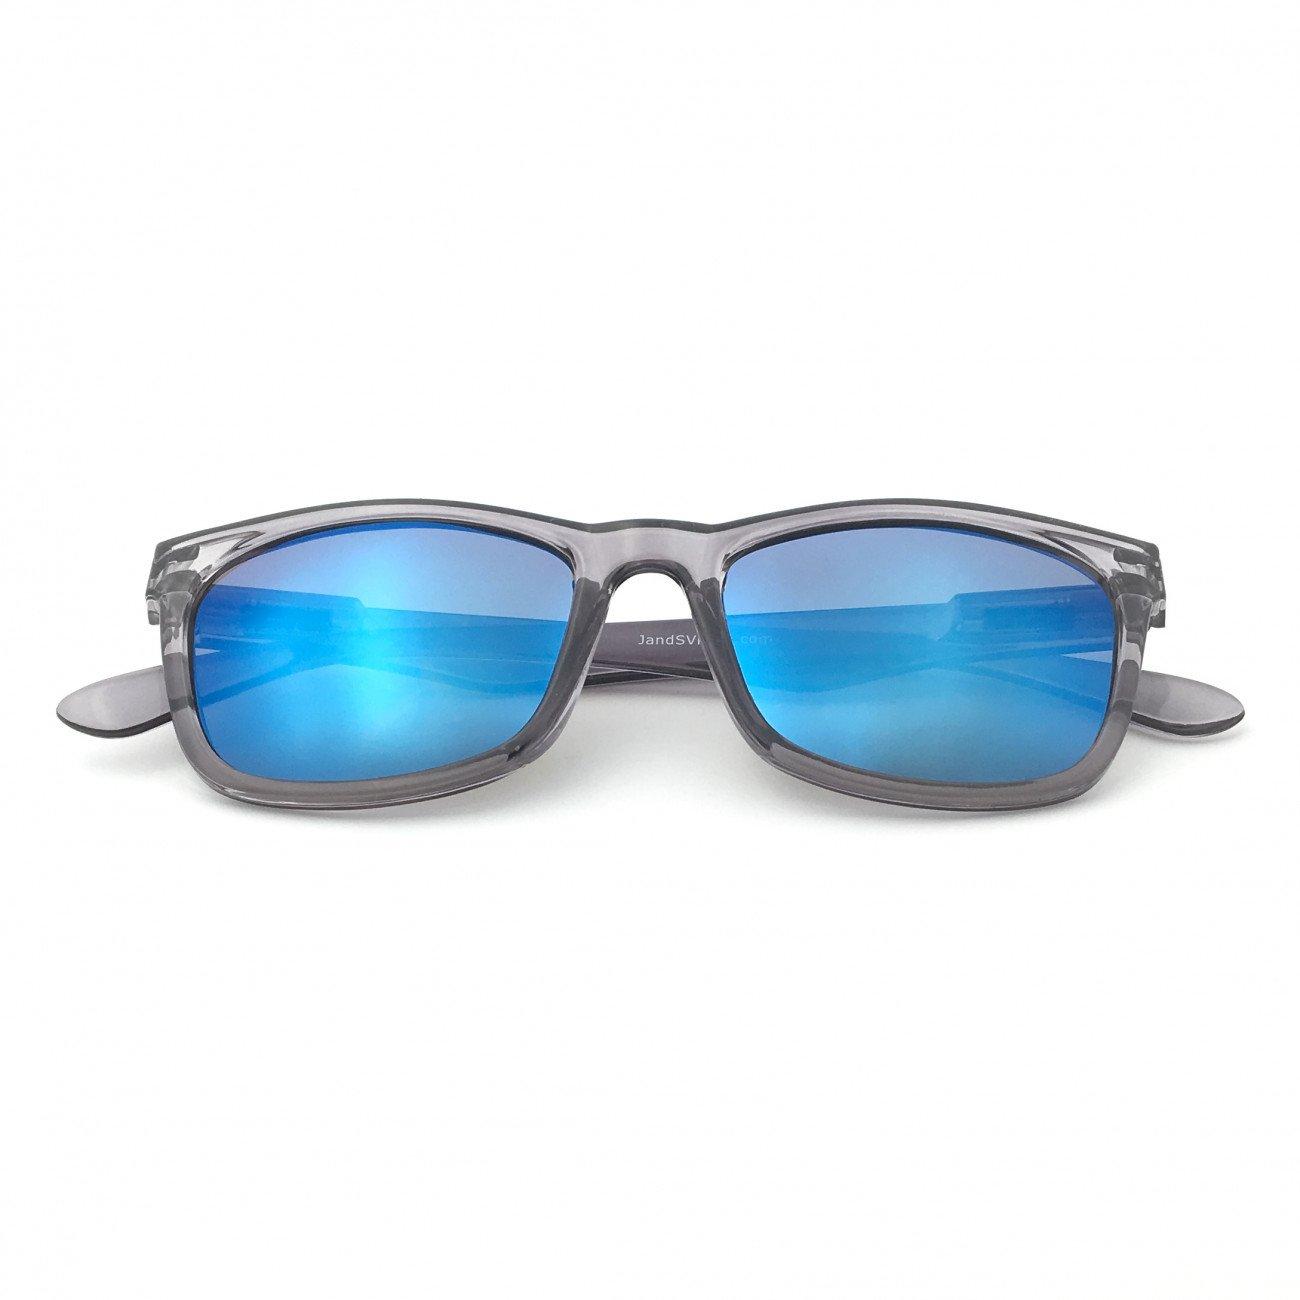 13b8fe6b1a6f J+S Classic 80 s Wayfarer Mark II Sunglasses